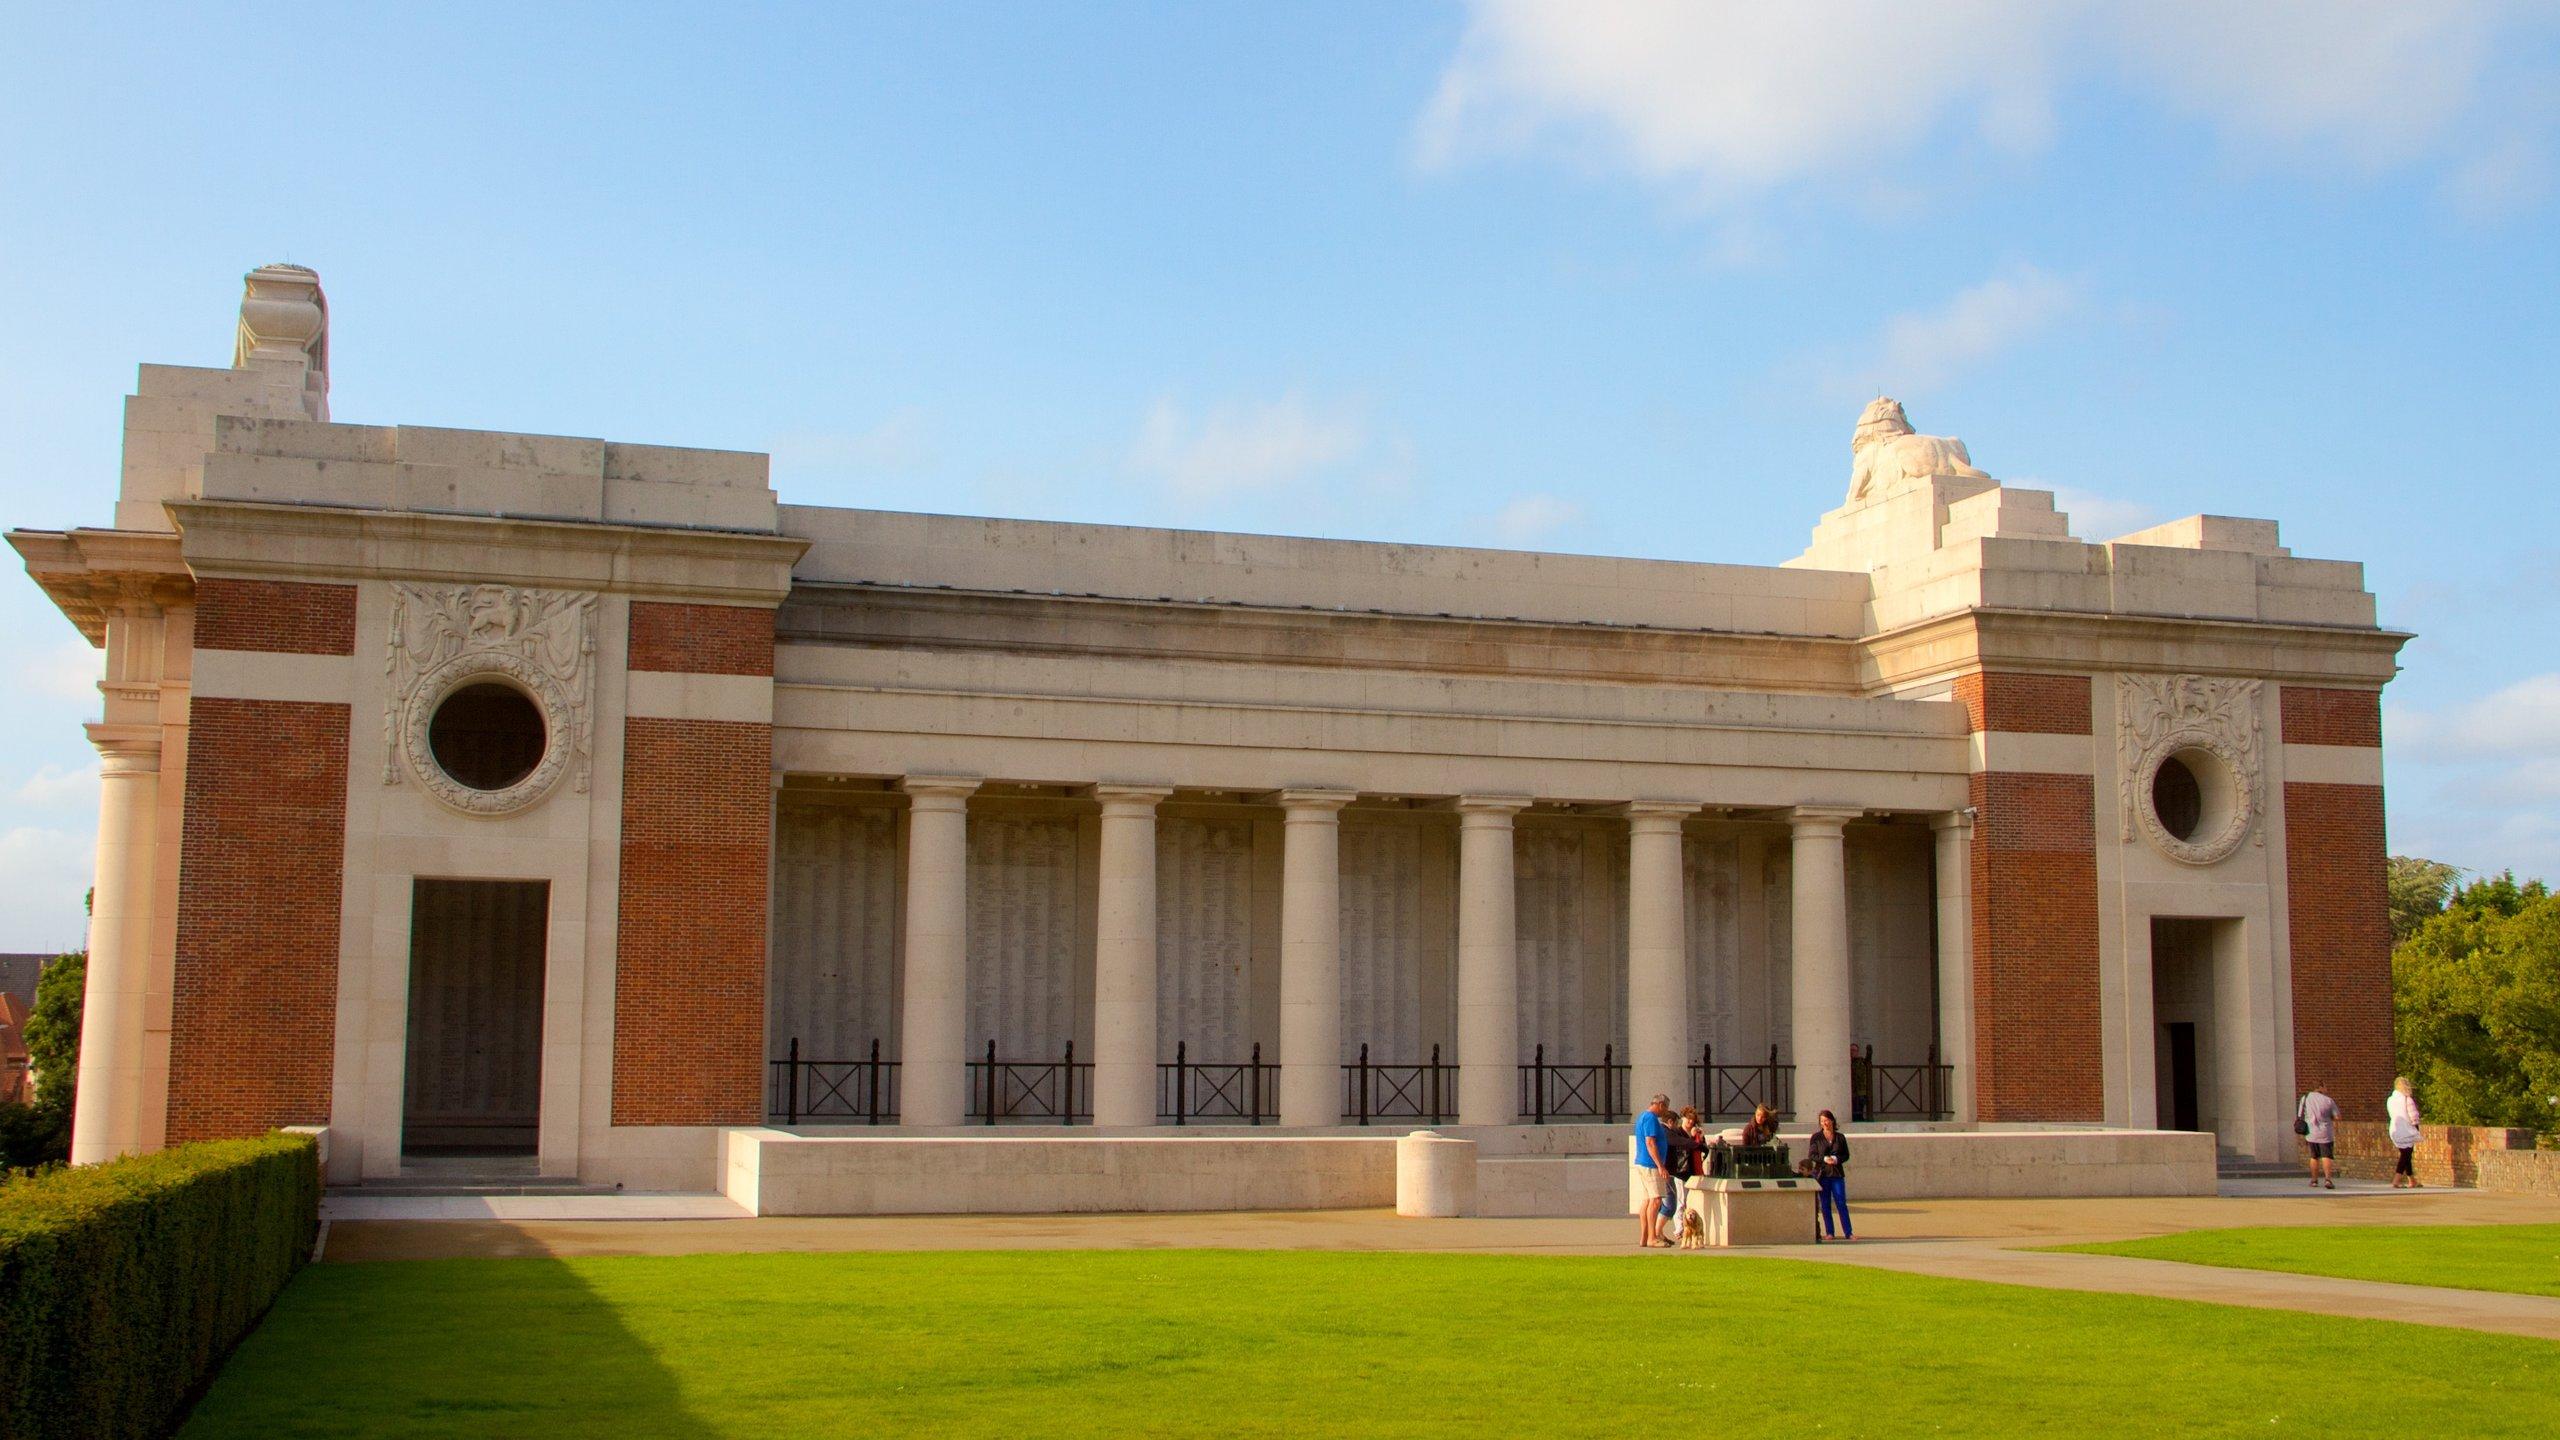 Menin Gate Memorial, Ypres, Flemish Region, Belgium